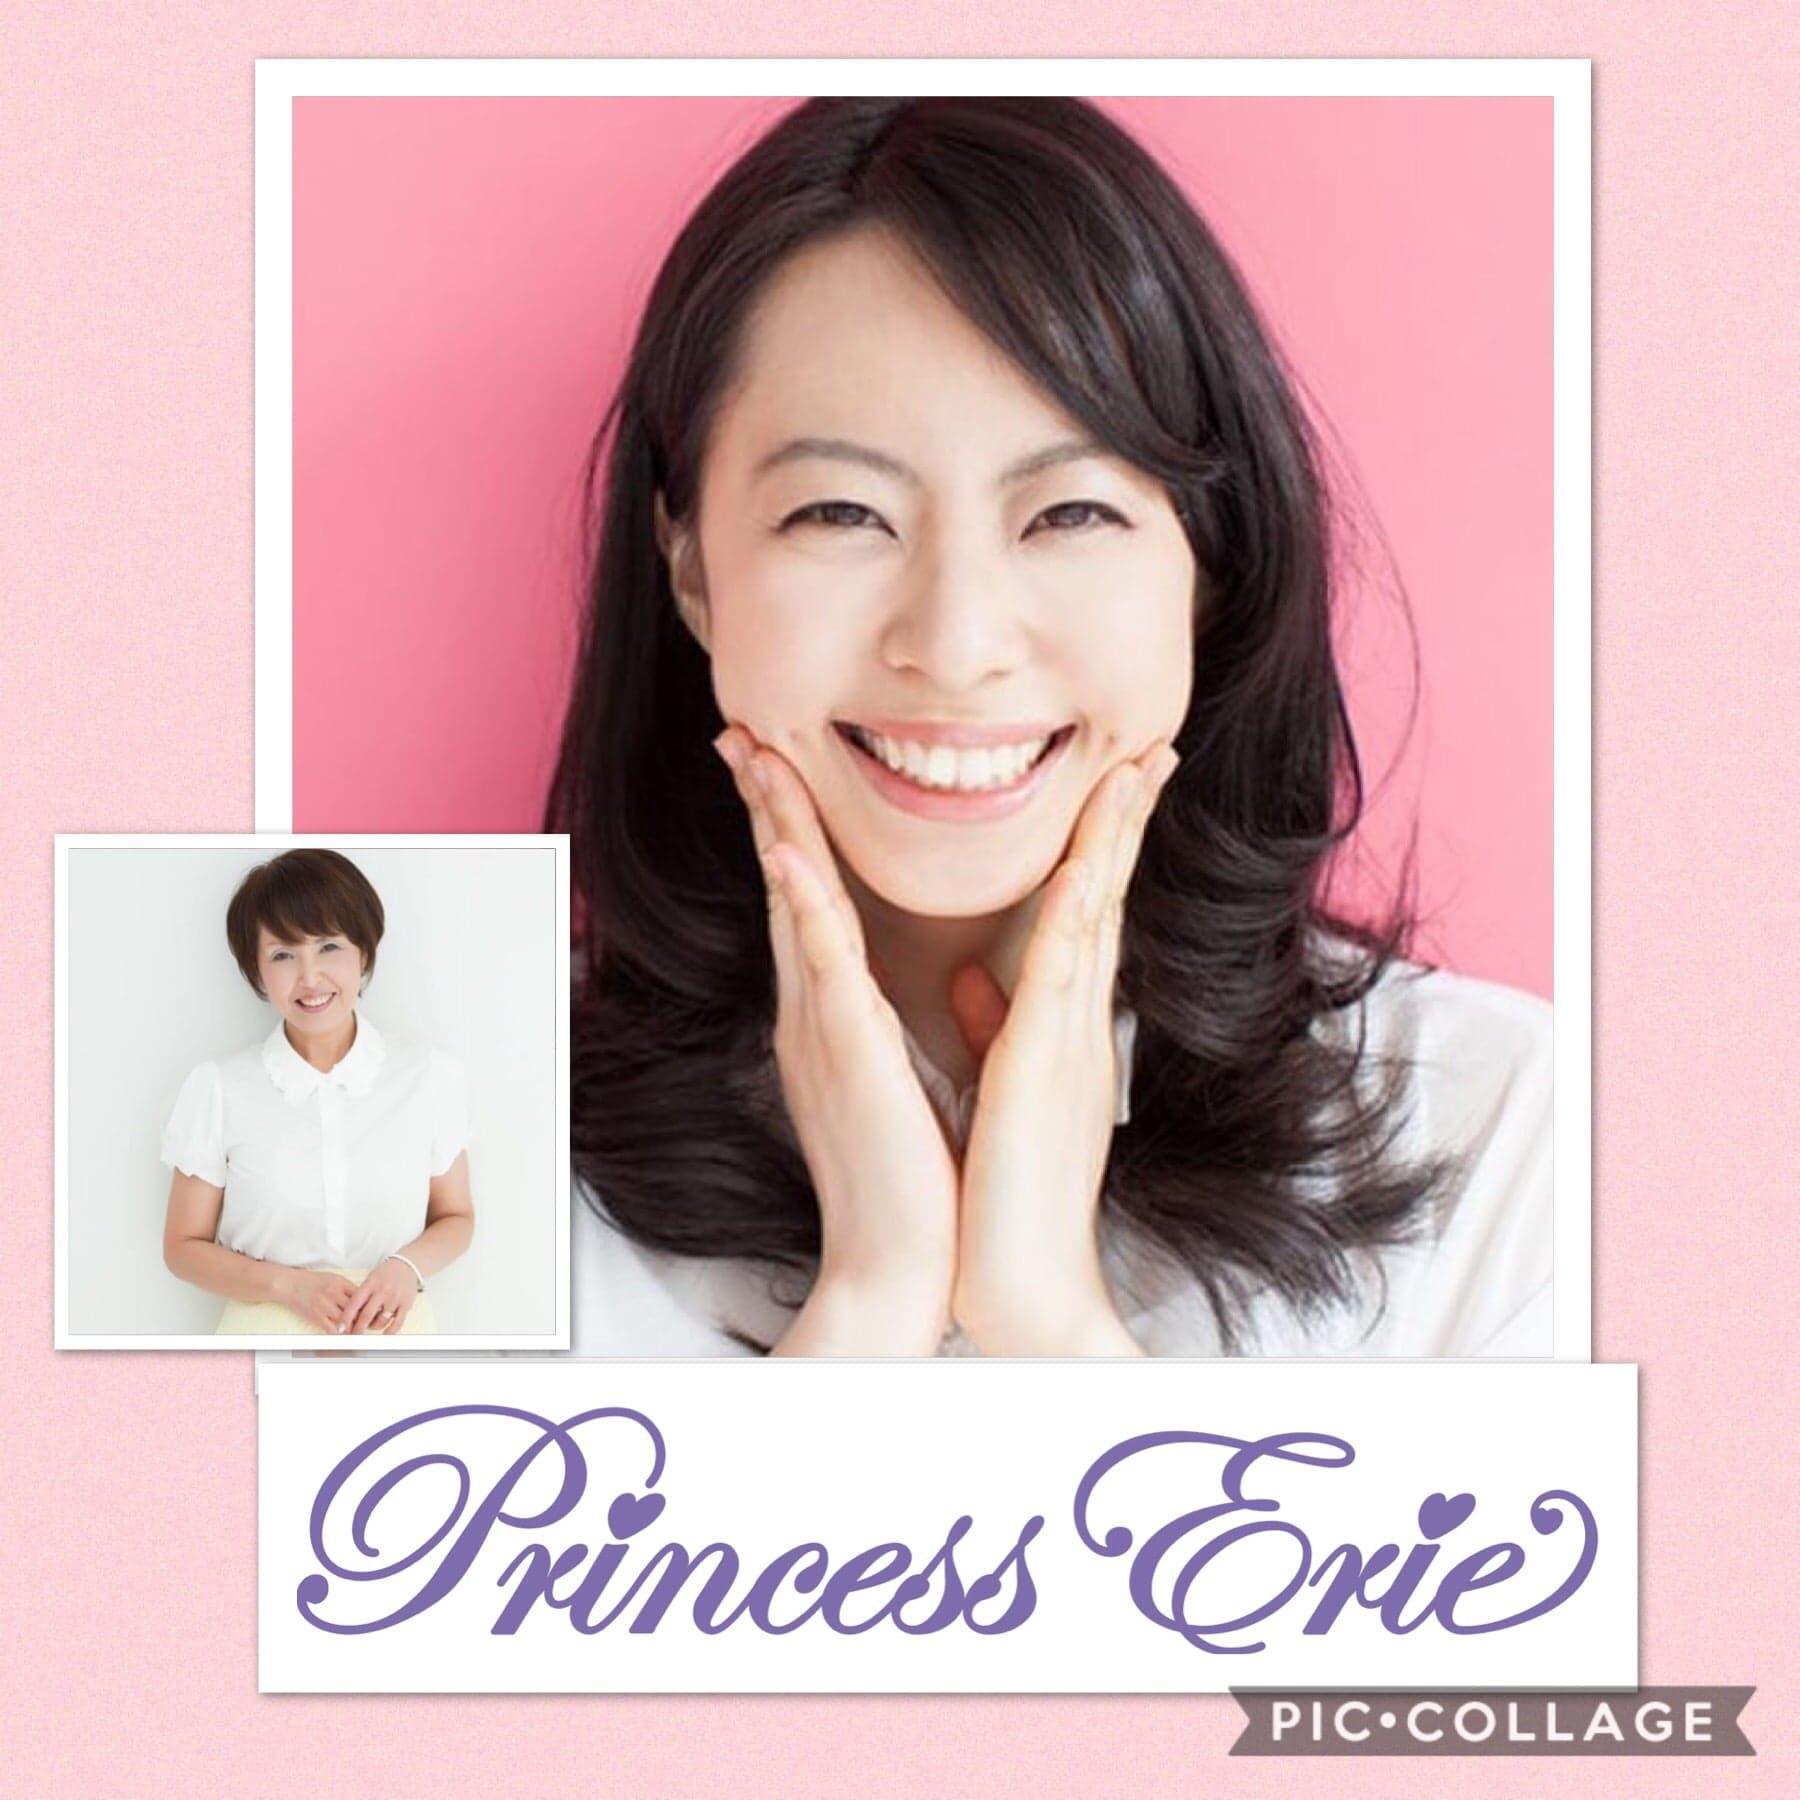 免疫力アップ☆ 魅力を引き出す☆プリンセス【笑顔】レッスンのイメージその1